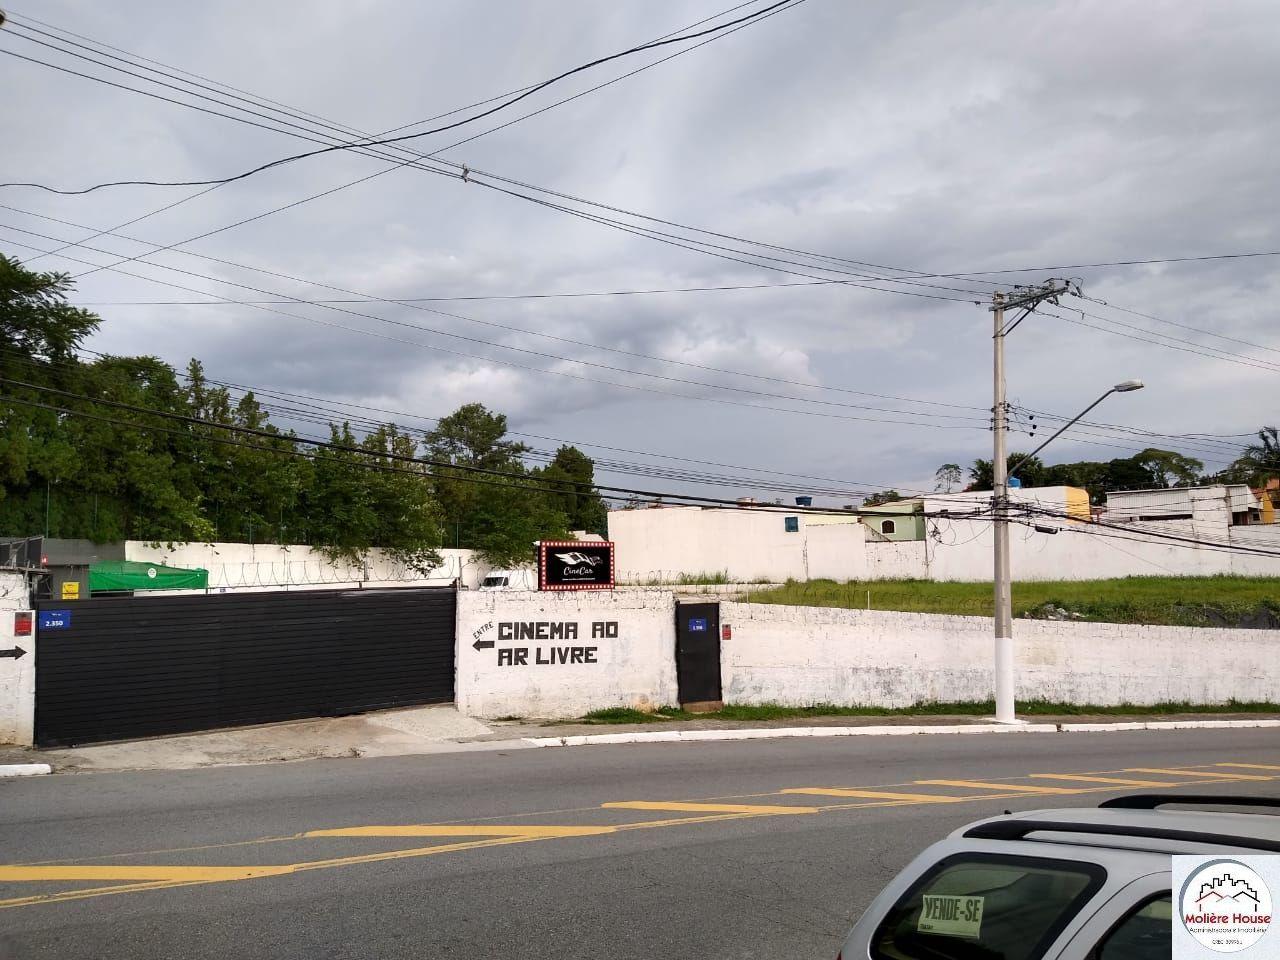 Terreno/Lote à venda  no Jardim Maria Rita - São Paulo, SP. Imóveis